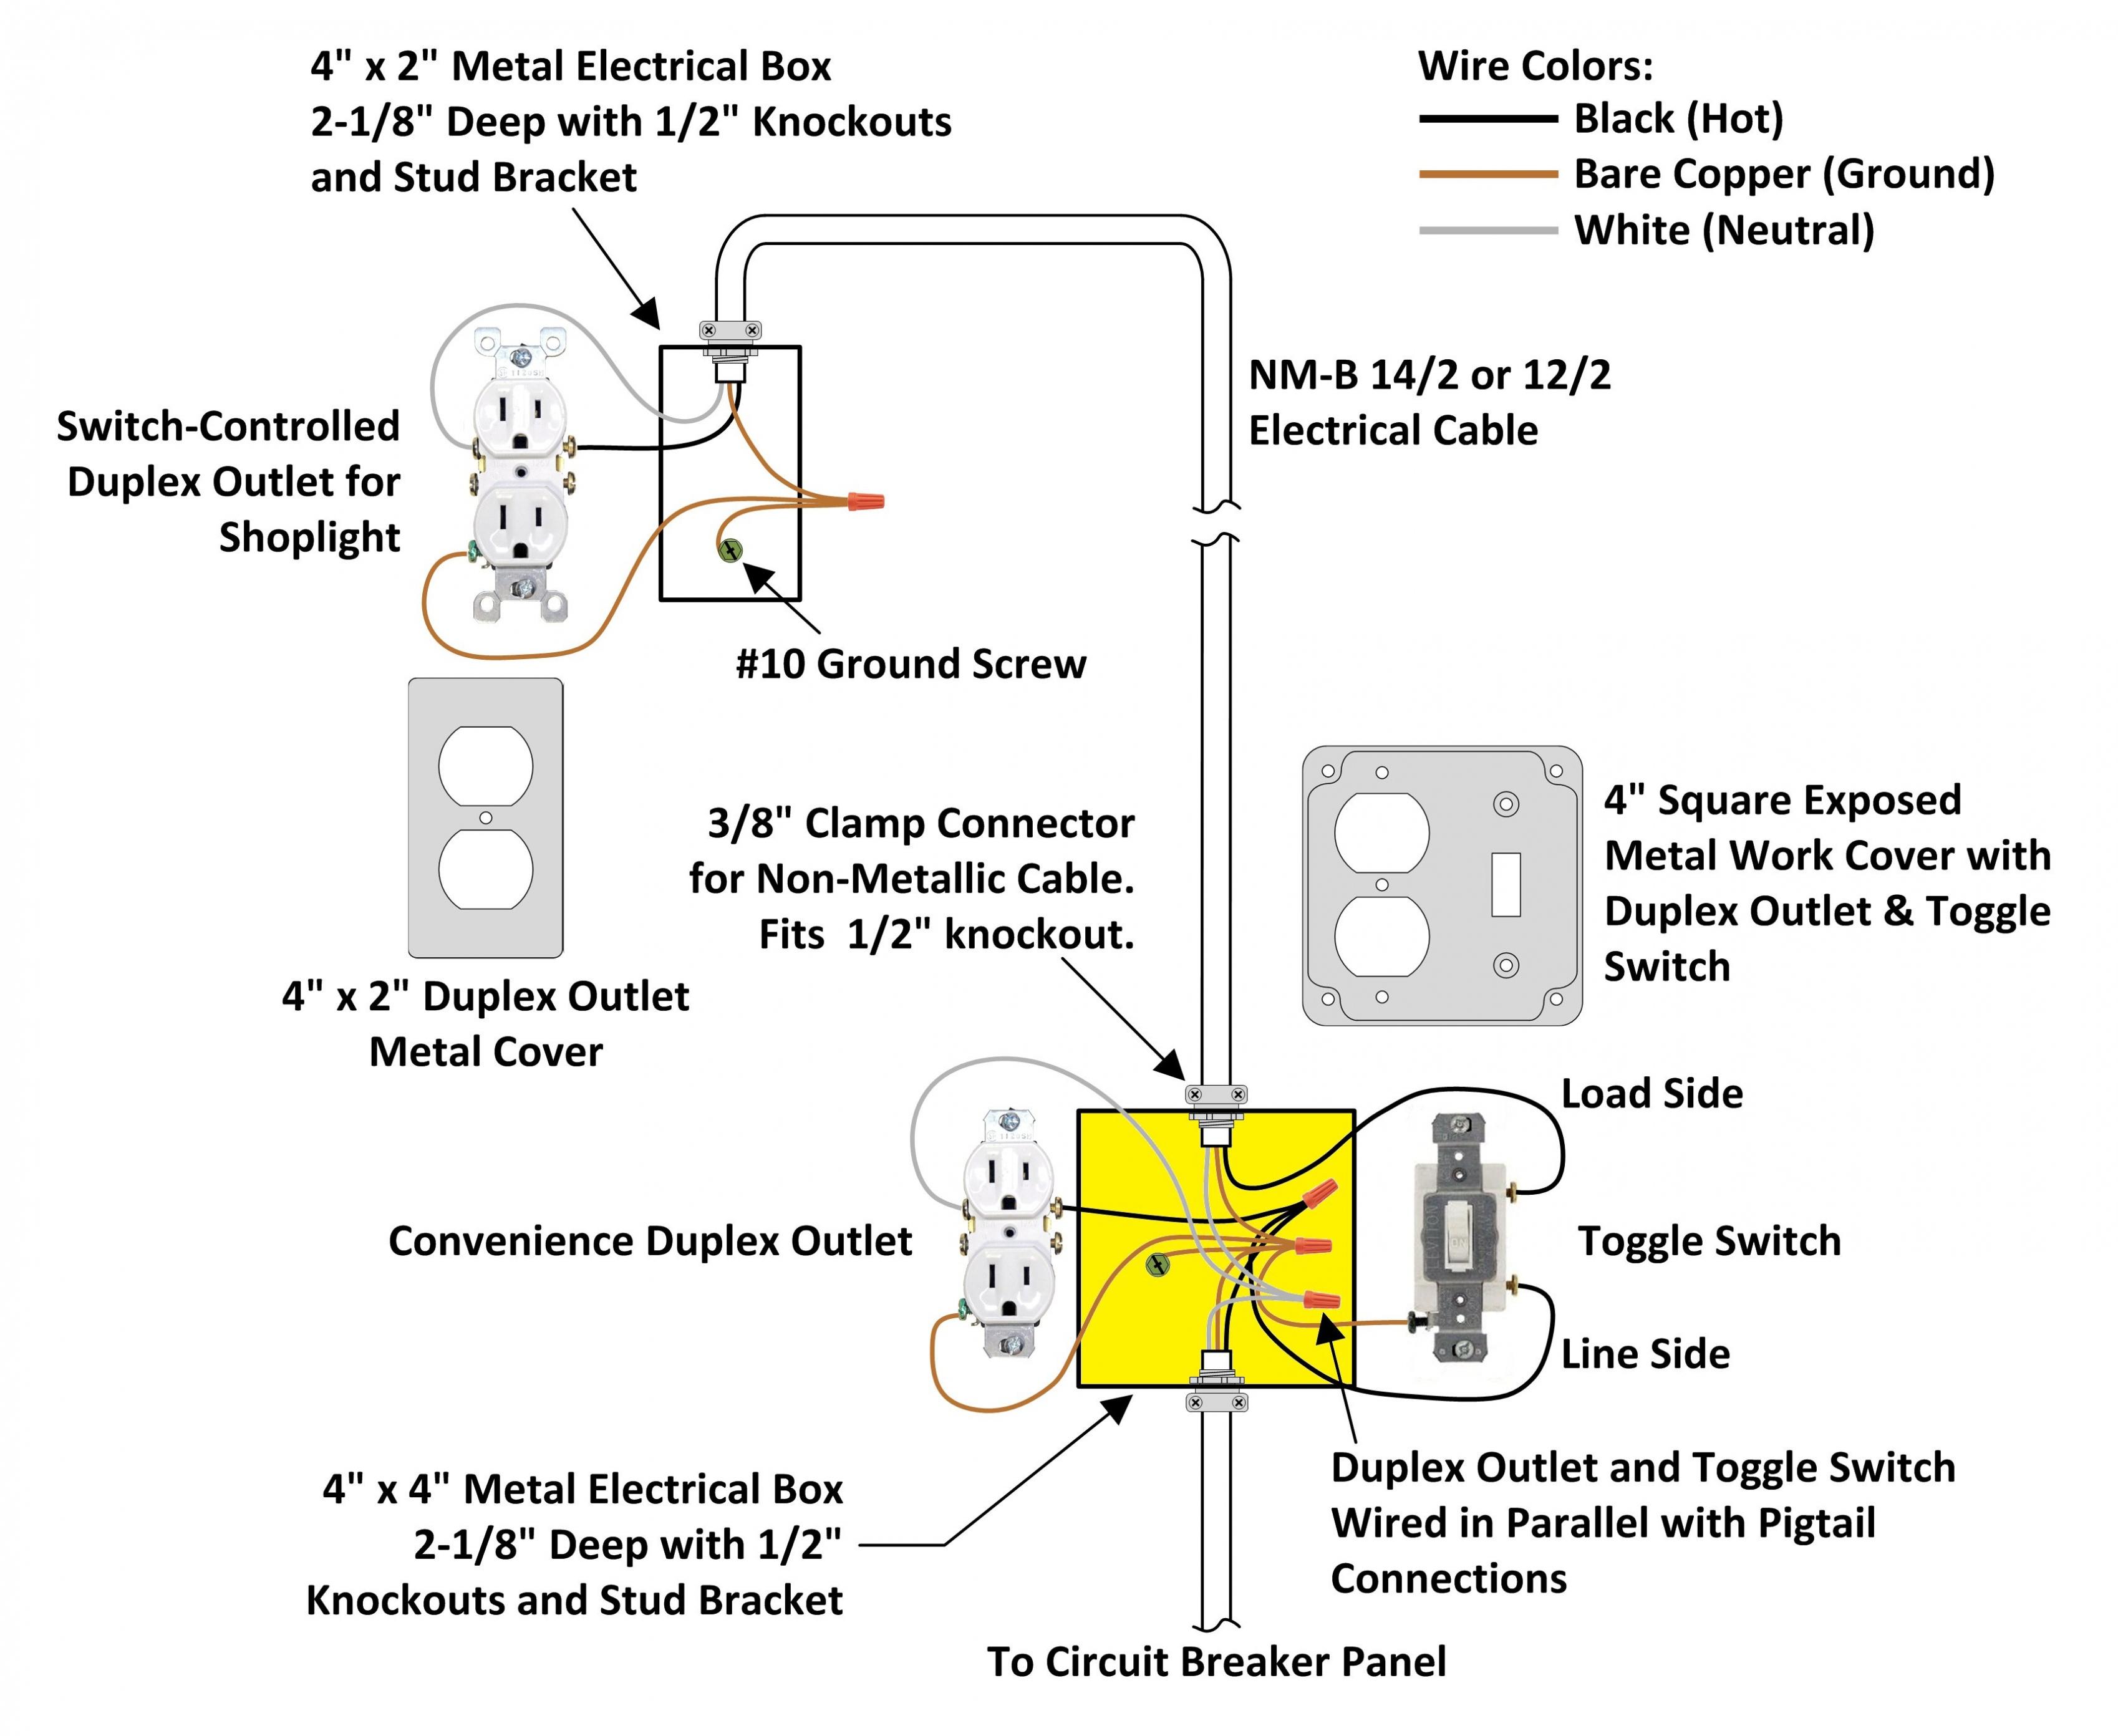 Wiring Diagram For Pdl Light Switch Print 240V Plug Wiring Diagram - Receptacle Wiring Diagram